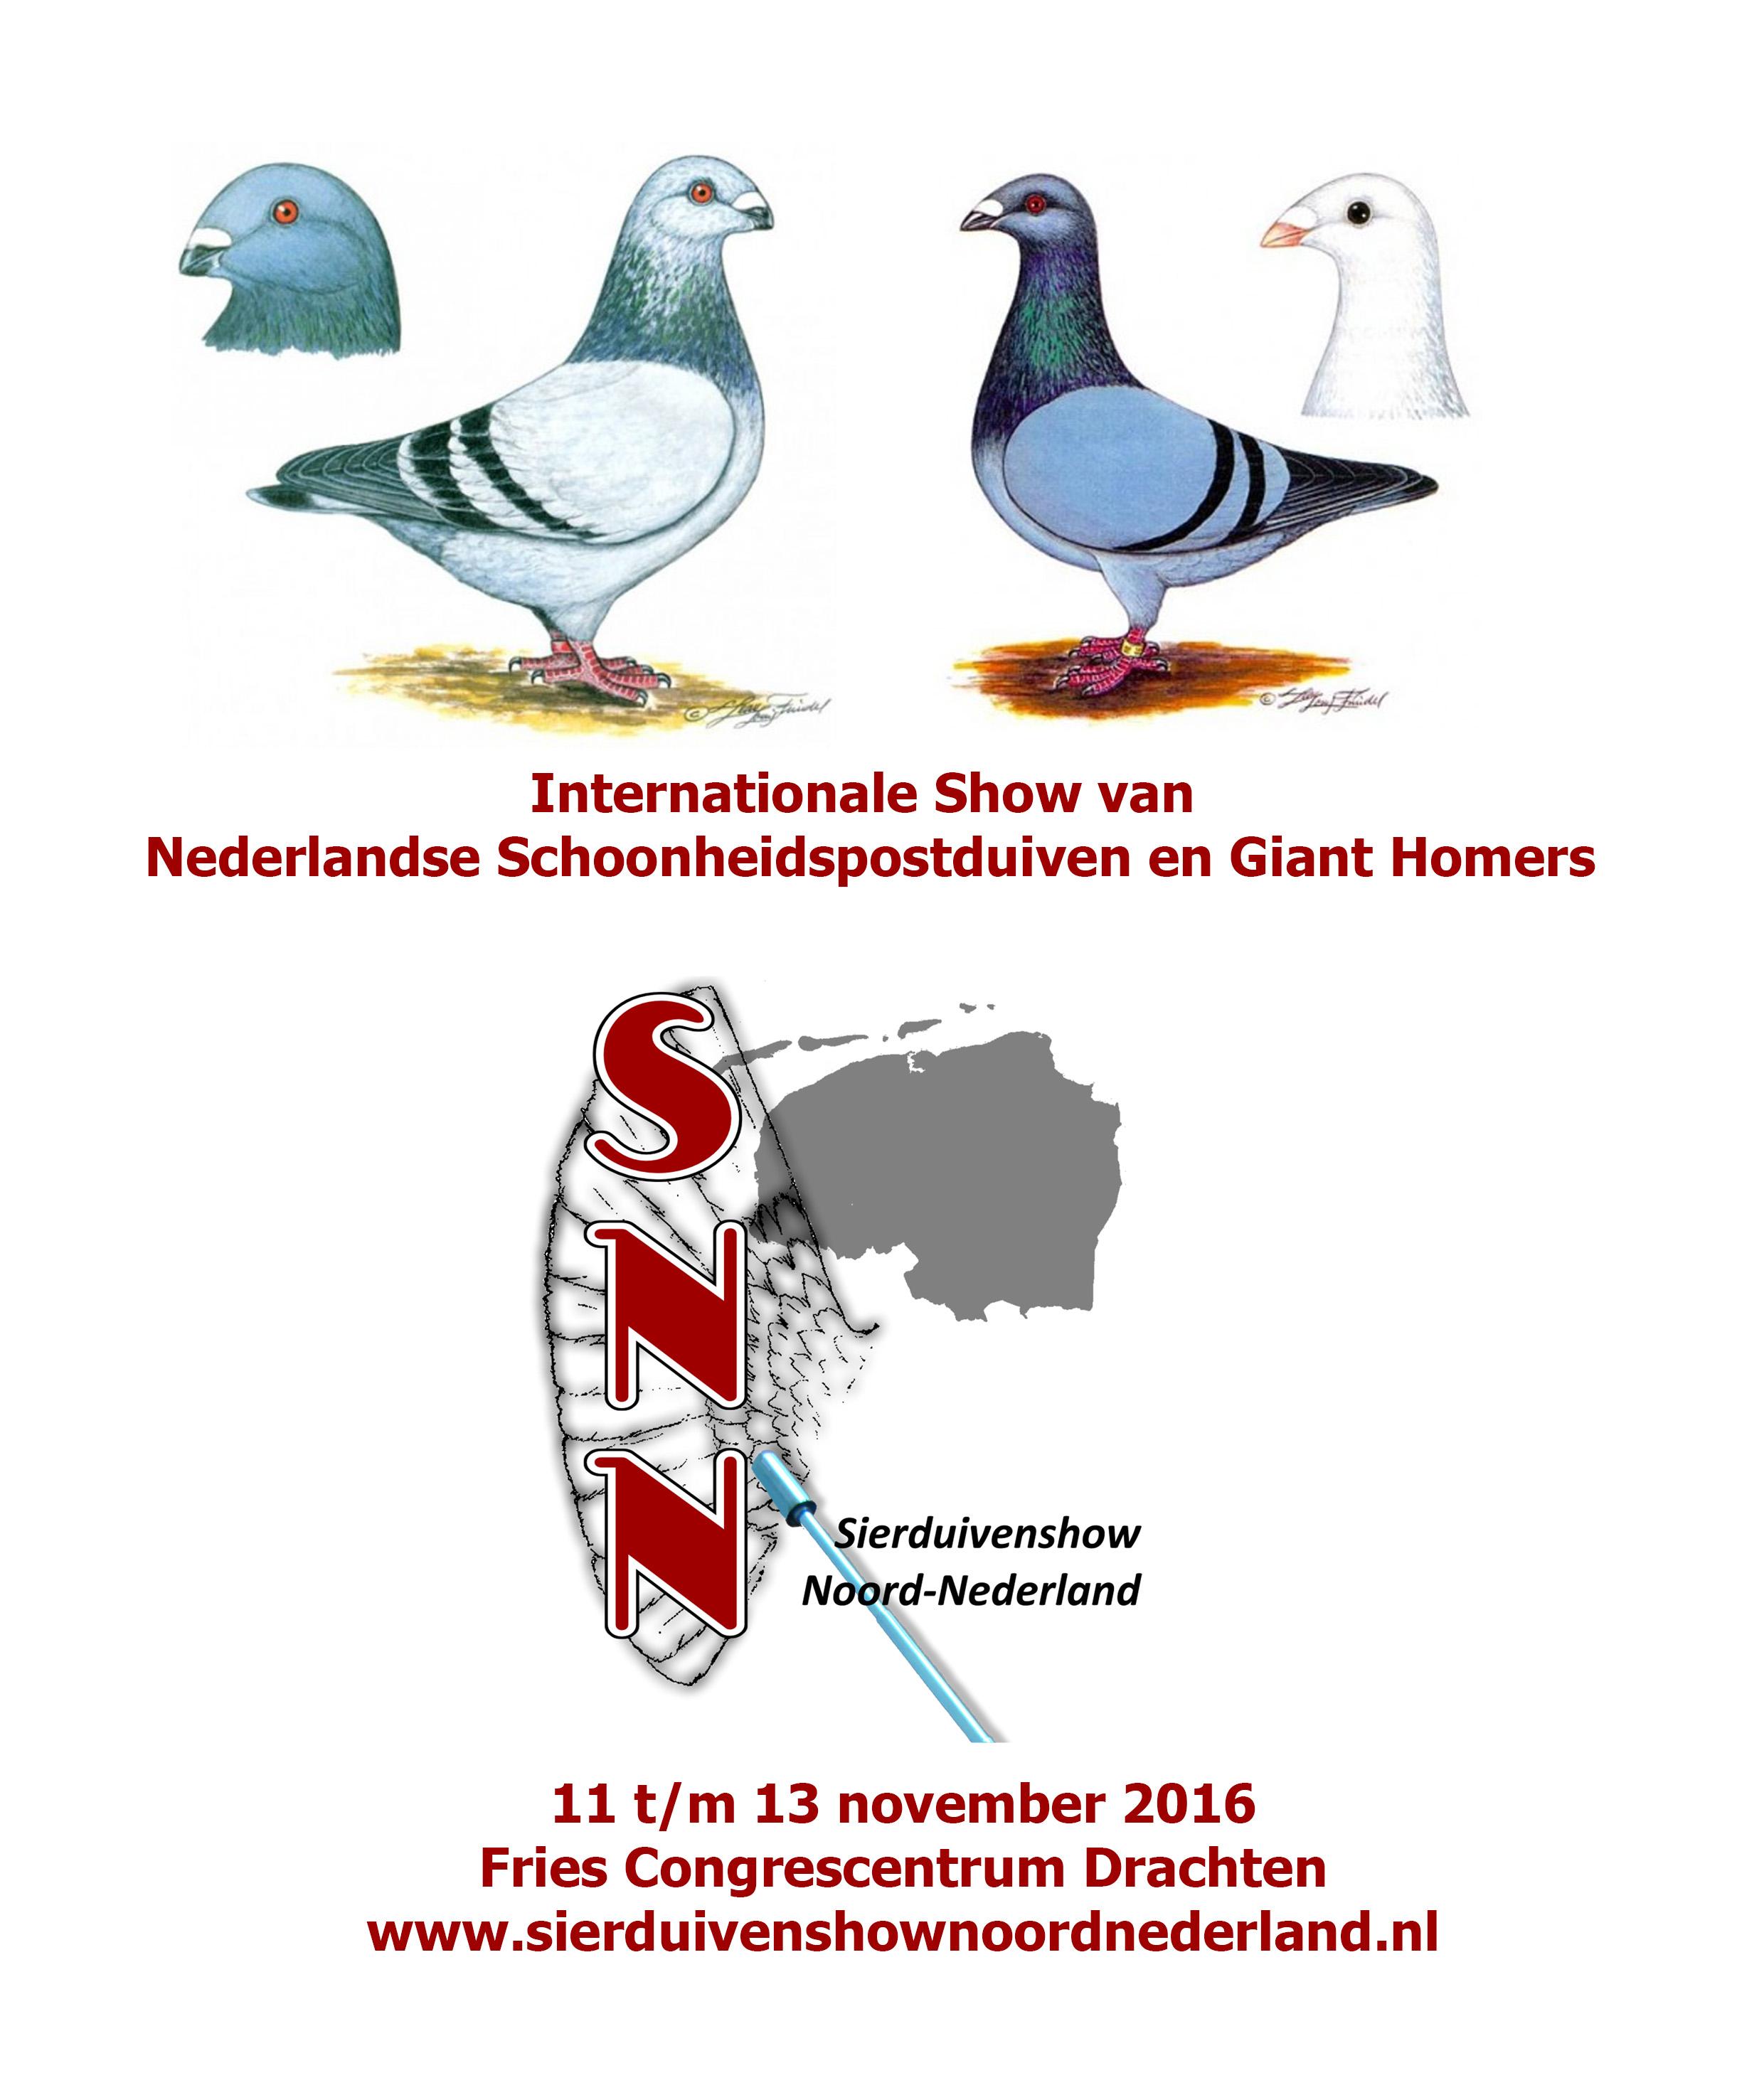 http://www.sierduivenshownoordnederland.nl/wp-content/uploads/2016/09/Internationale-show-NSPGiant.jpg